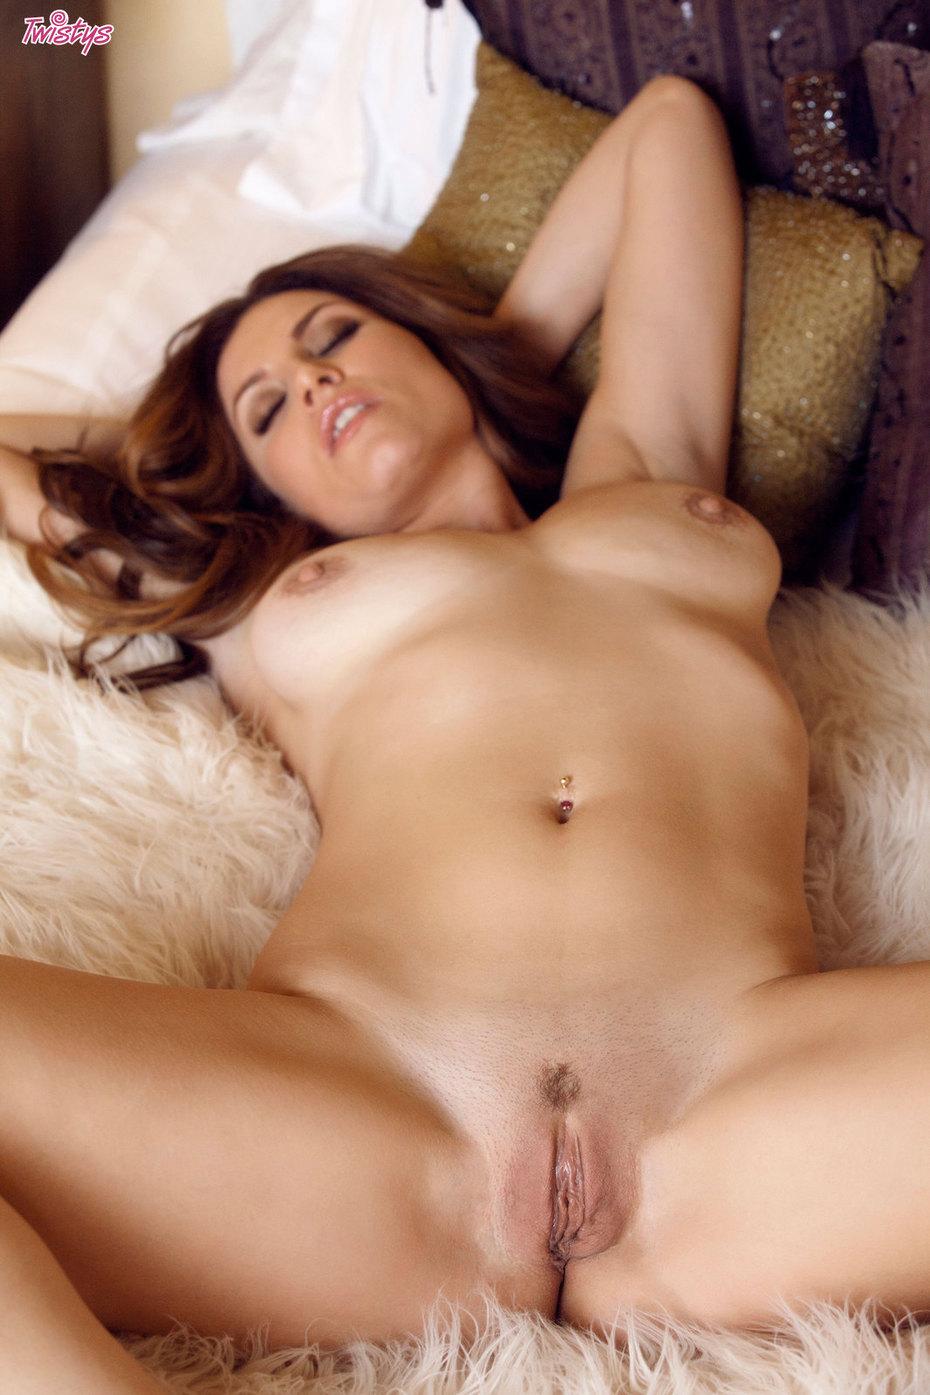 Dos lesbianas de tetas grandes y culos redondos - 1 part 9